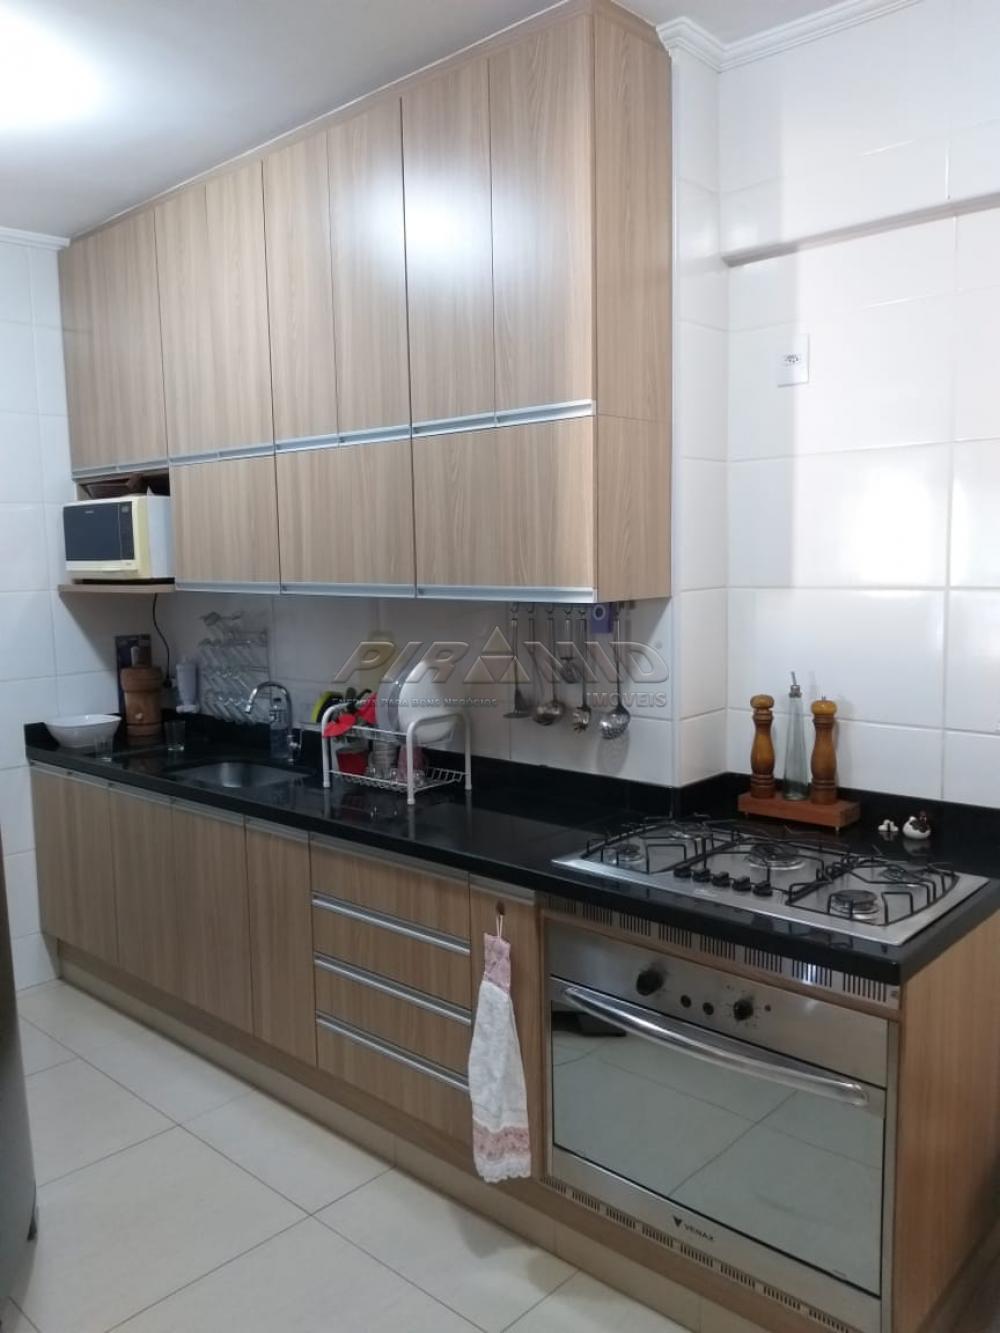 Comprar Apartamento / Padrão em Ribeirão Preto apenas R$ 435.000,00 - Foto 5